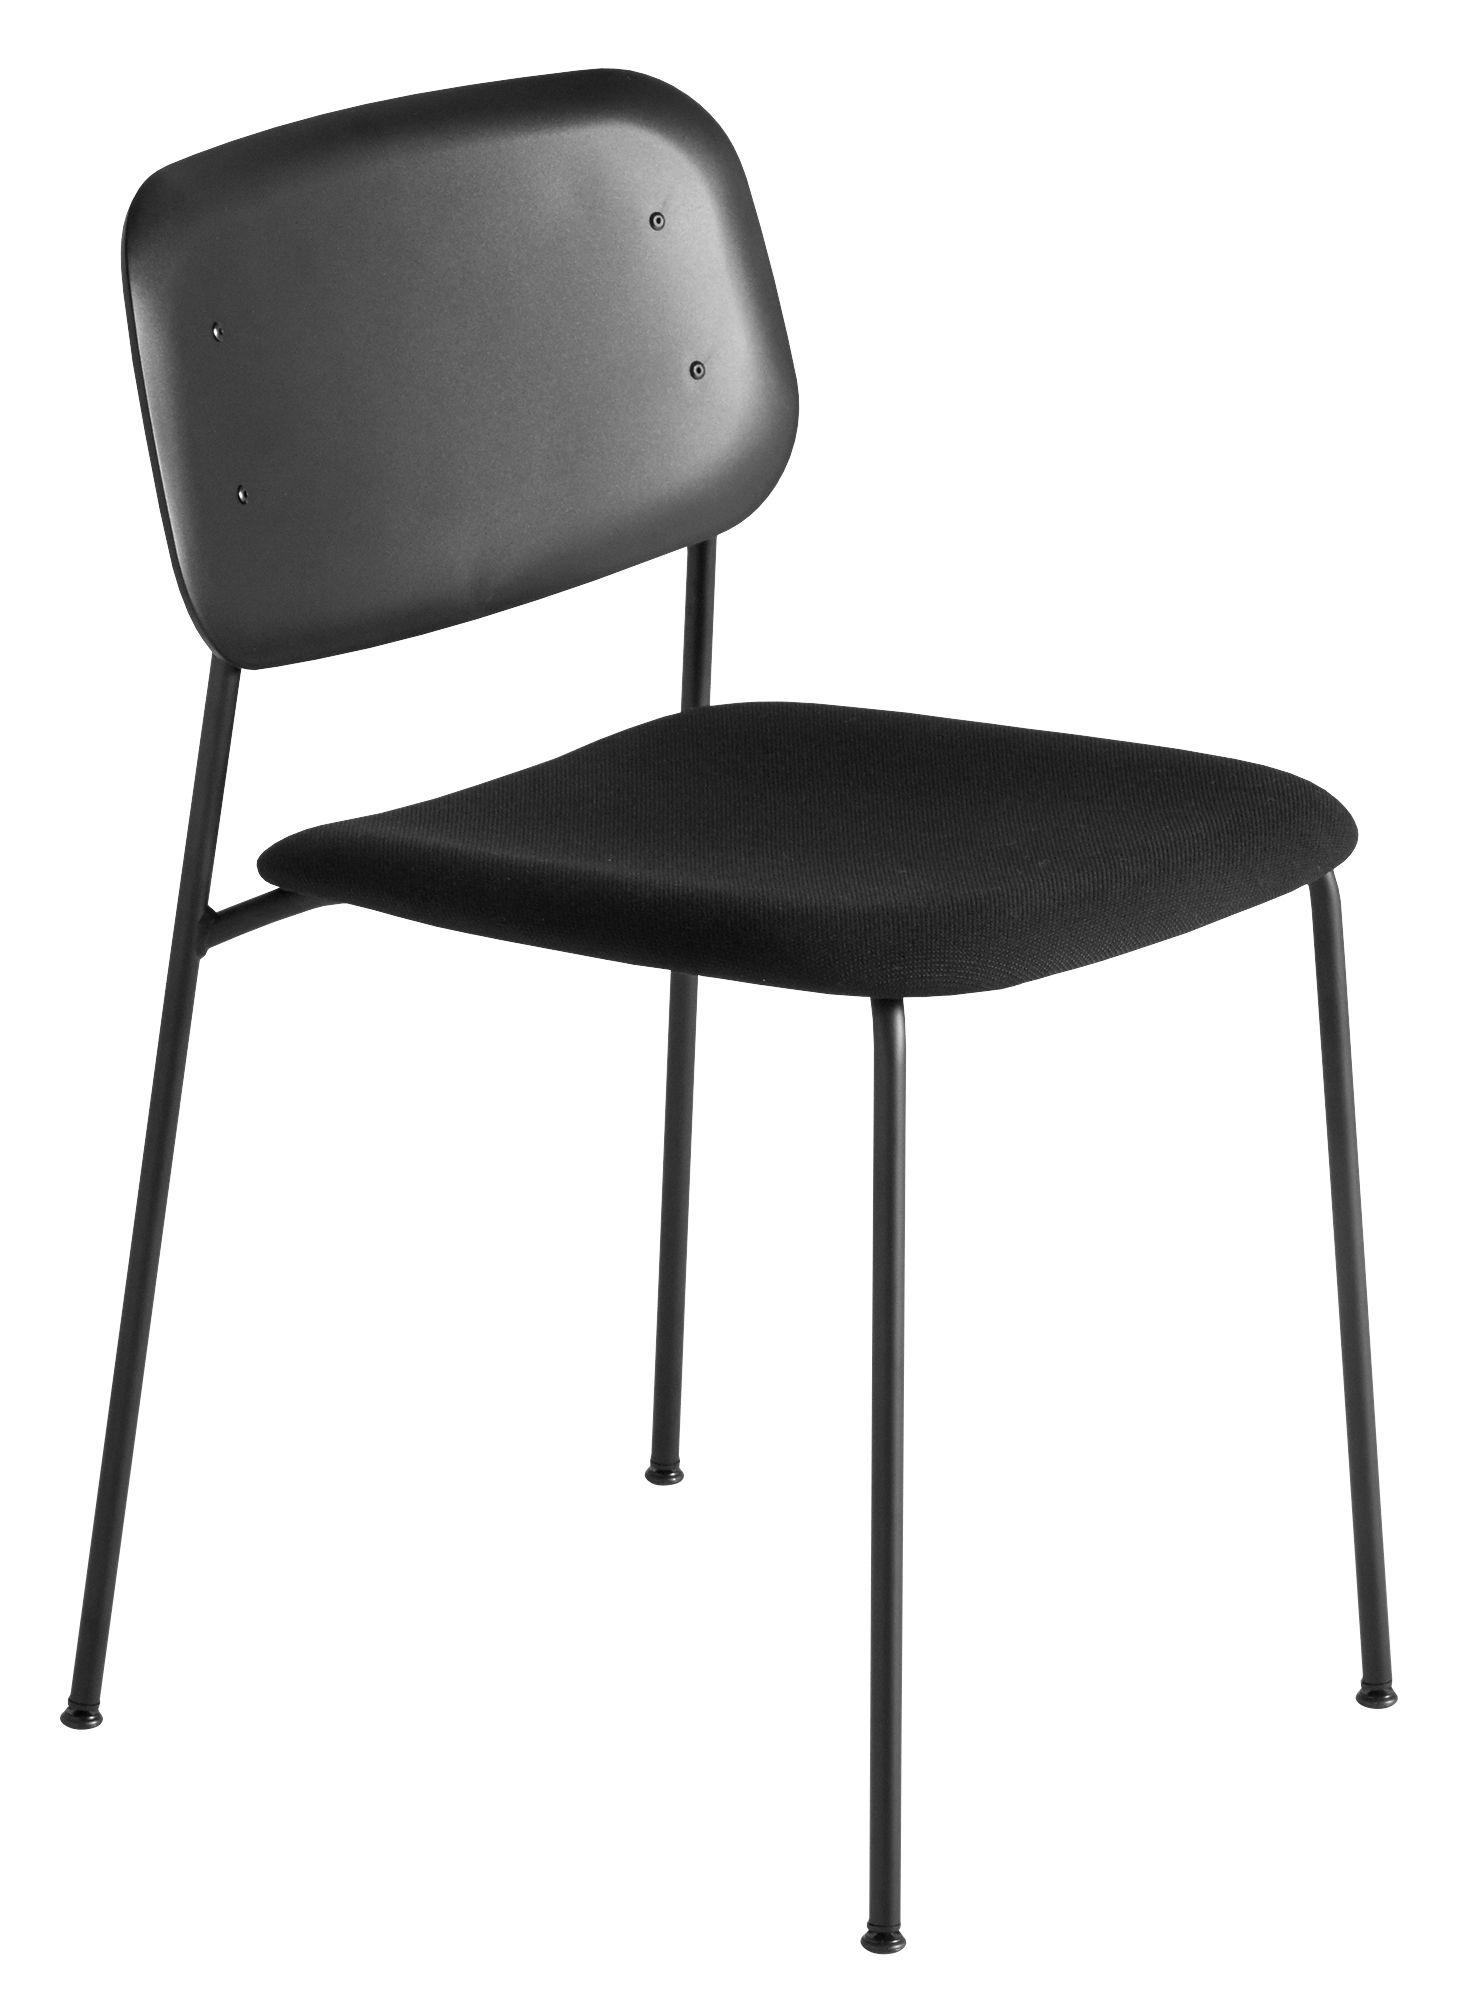 Mobilier - Chaises, fauteuils de salle à manger - Chaise empilable Soft Edge P10 / Tissu & plastique - Hay - Tissu gris / Noir - Acier laqué, Polypropylène, Tissu Kvadrat